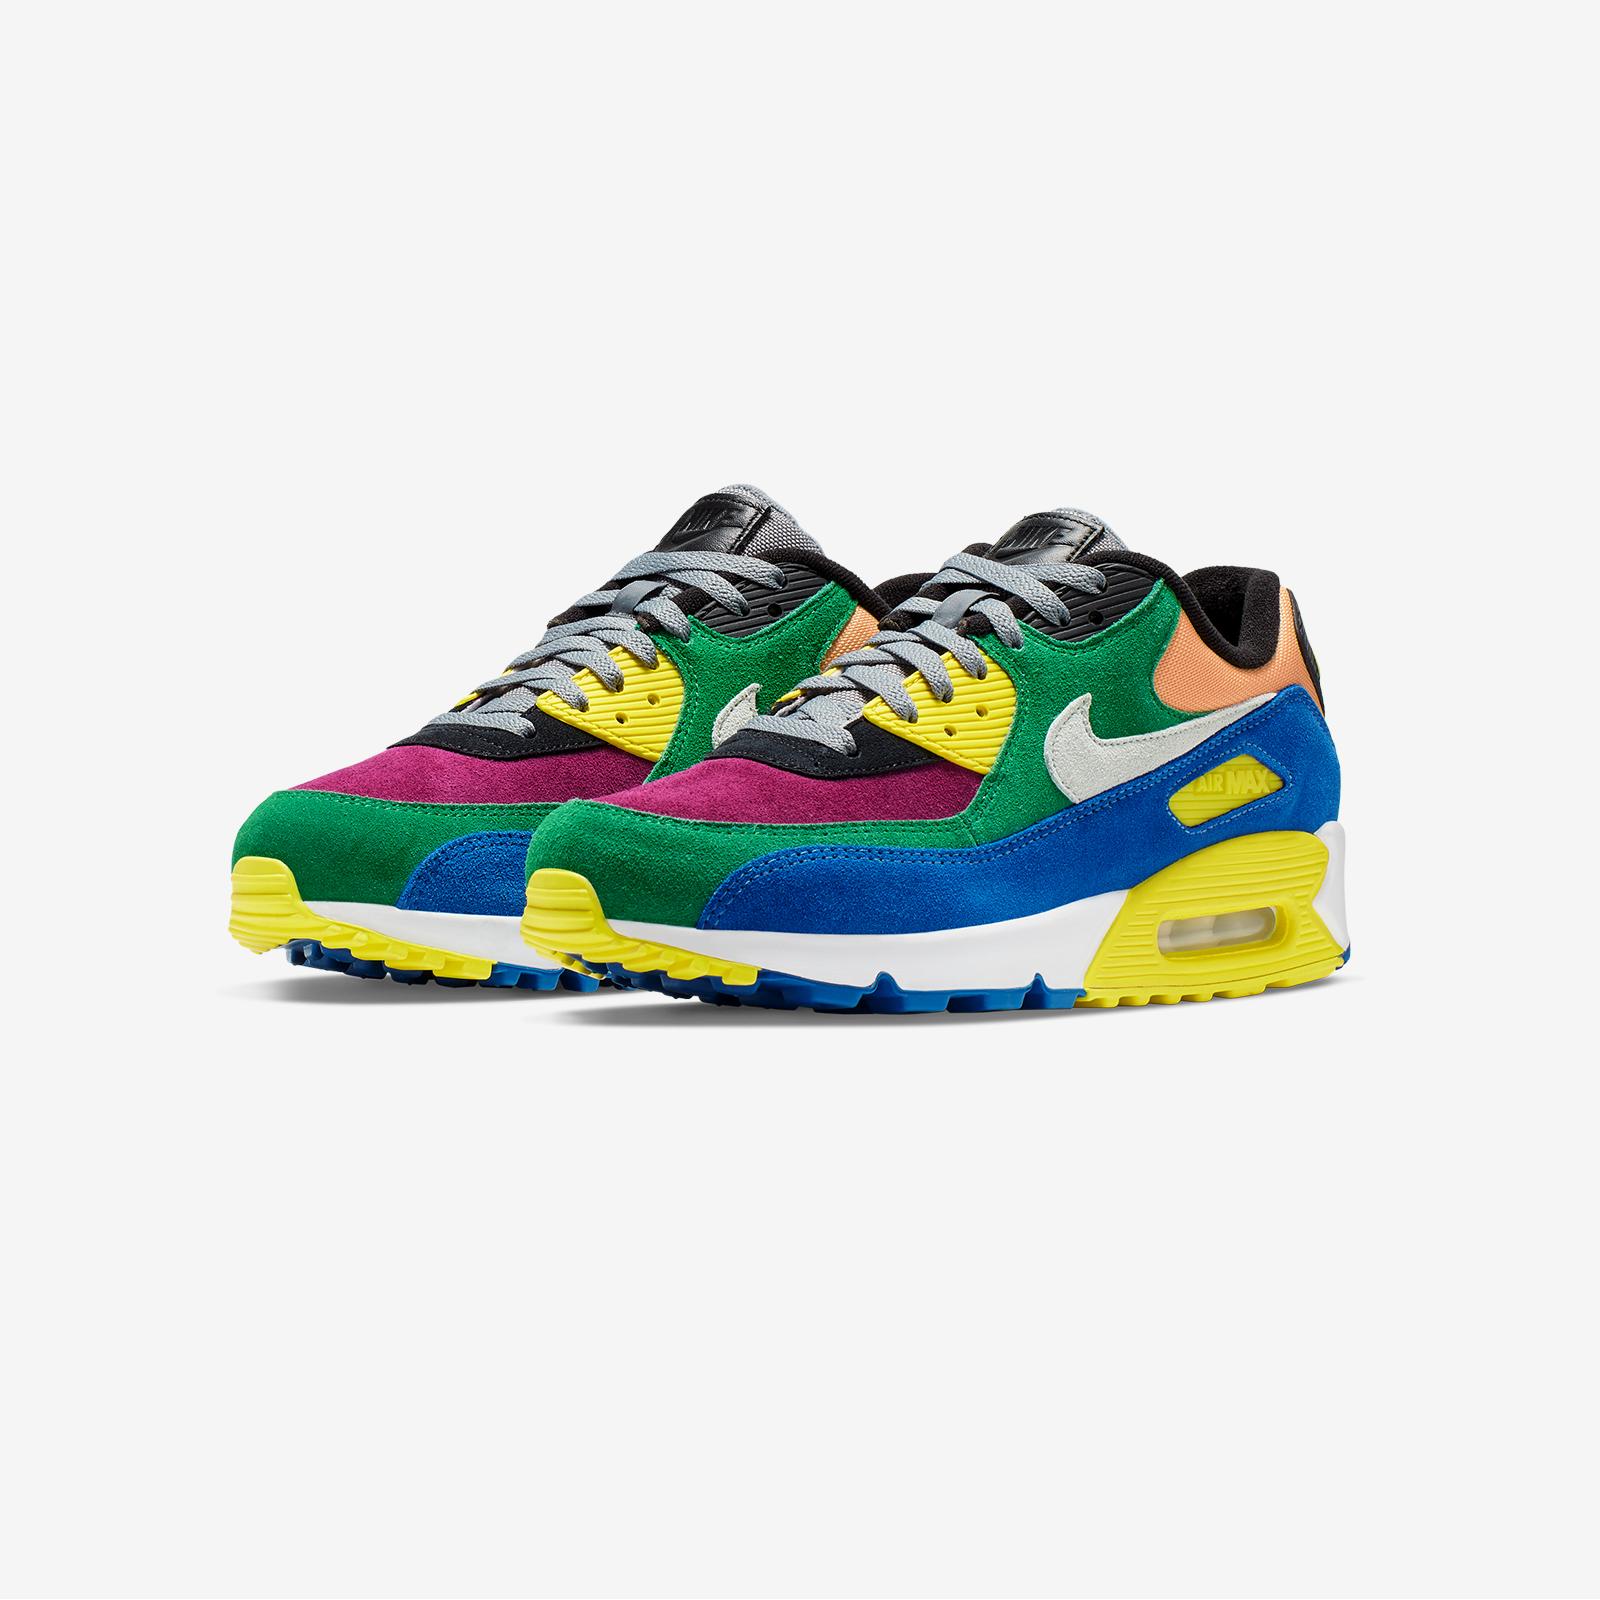 Nike Air Max 90 QS Viotech | 43einhalb Sneaker Store